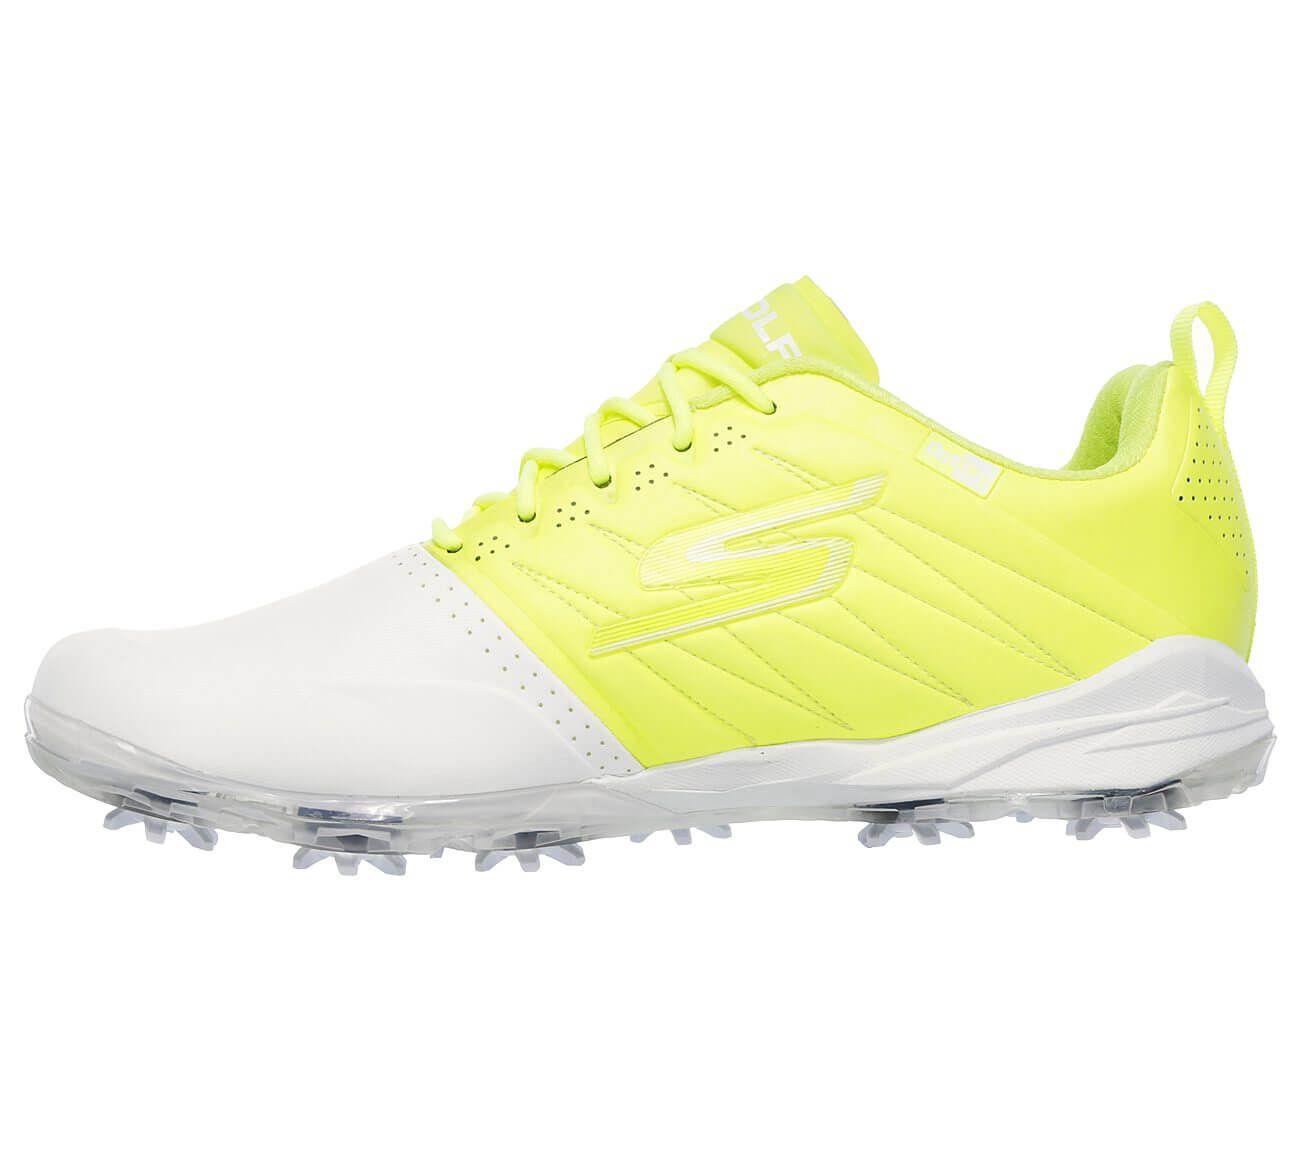 Skechers Go Golf Focus 2 Golf Shoes 54529 Waterproof Men S New